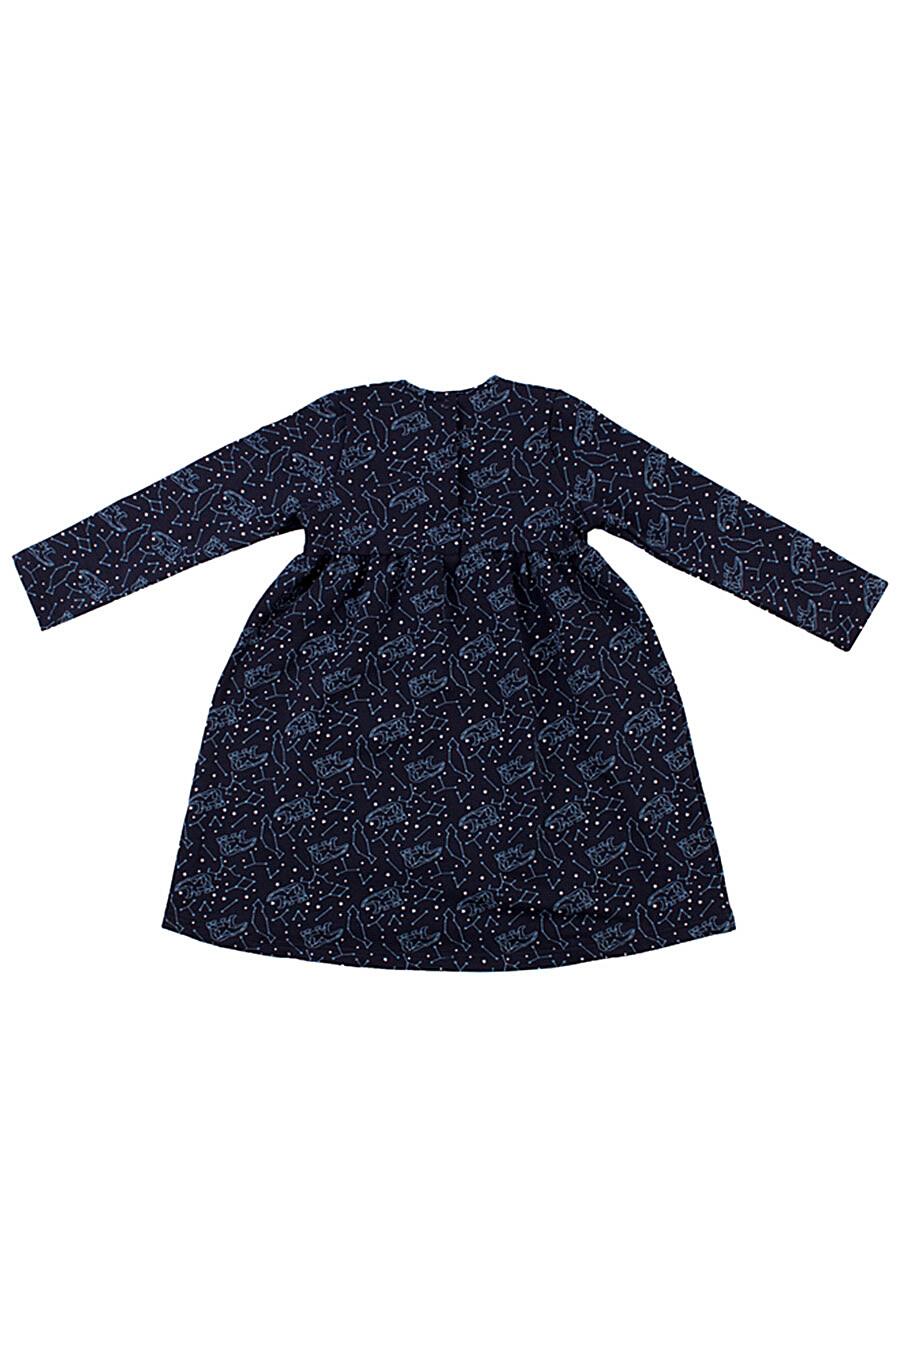 Платье для девочек Archi 131294 купить оптом от производителя. Совместная покупка детской одежды в OptMoyo